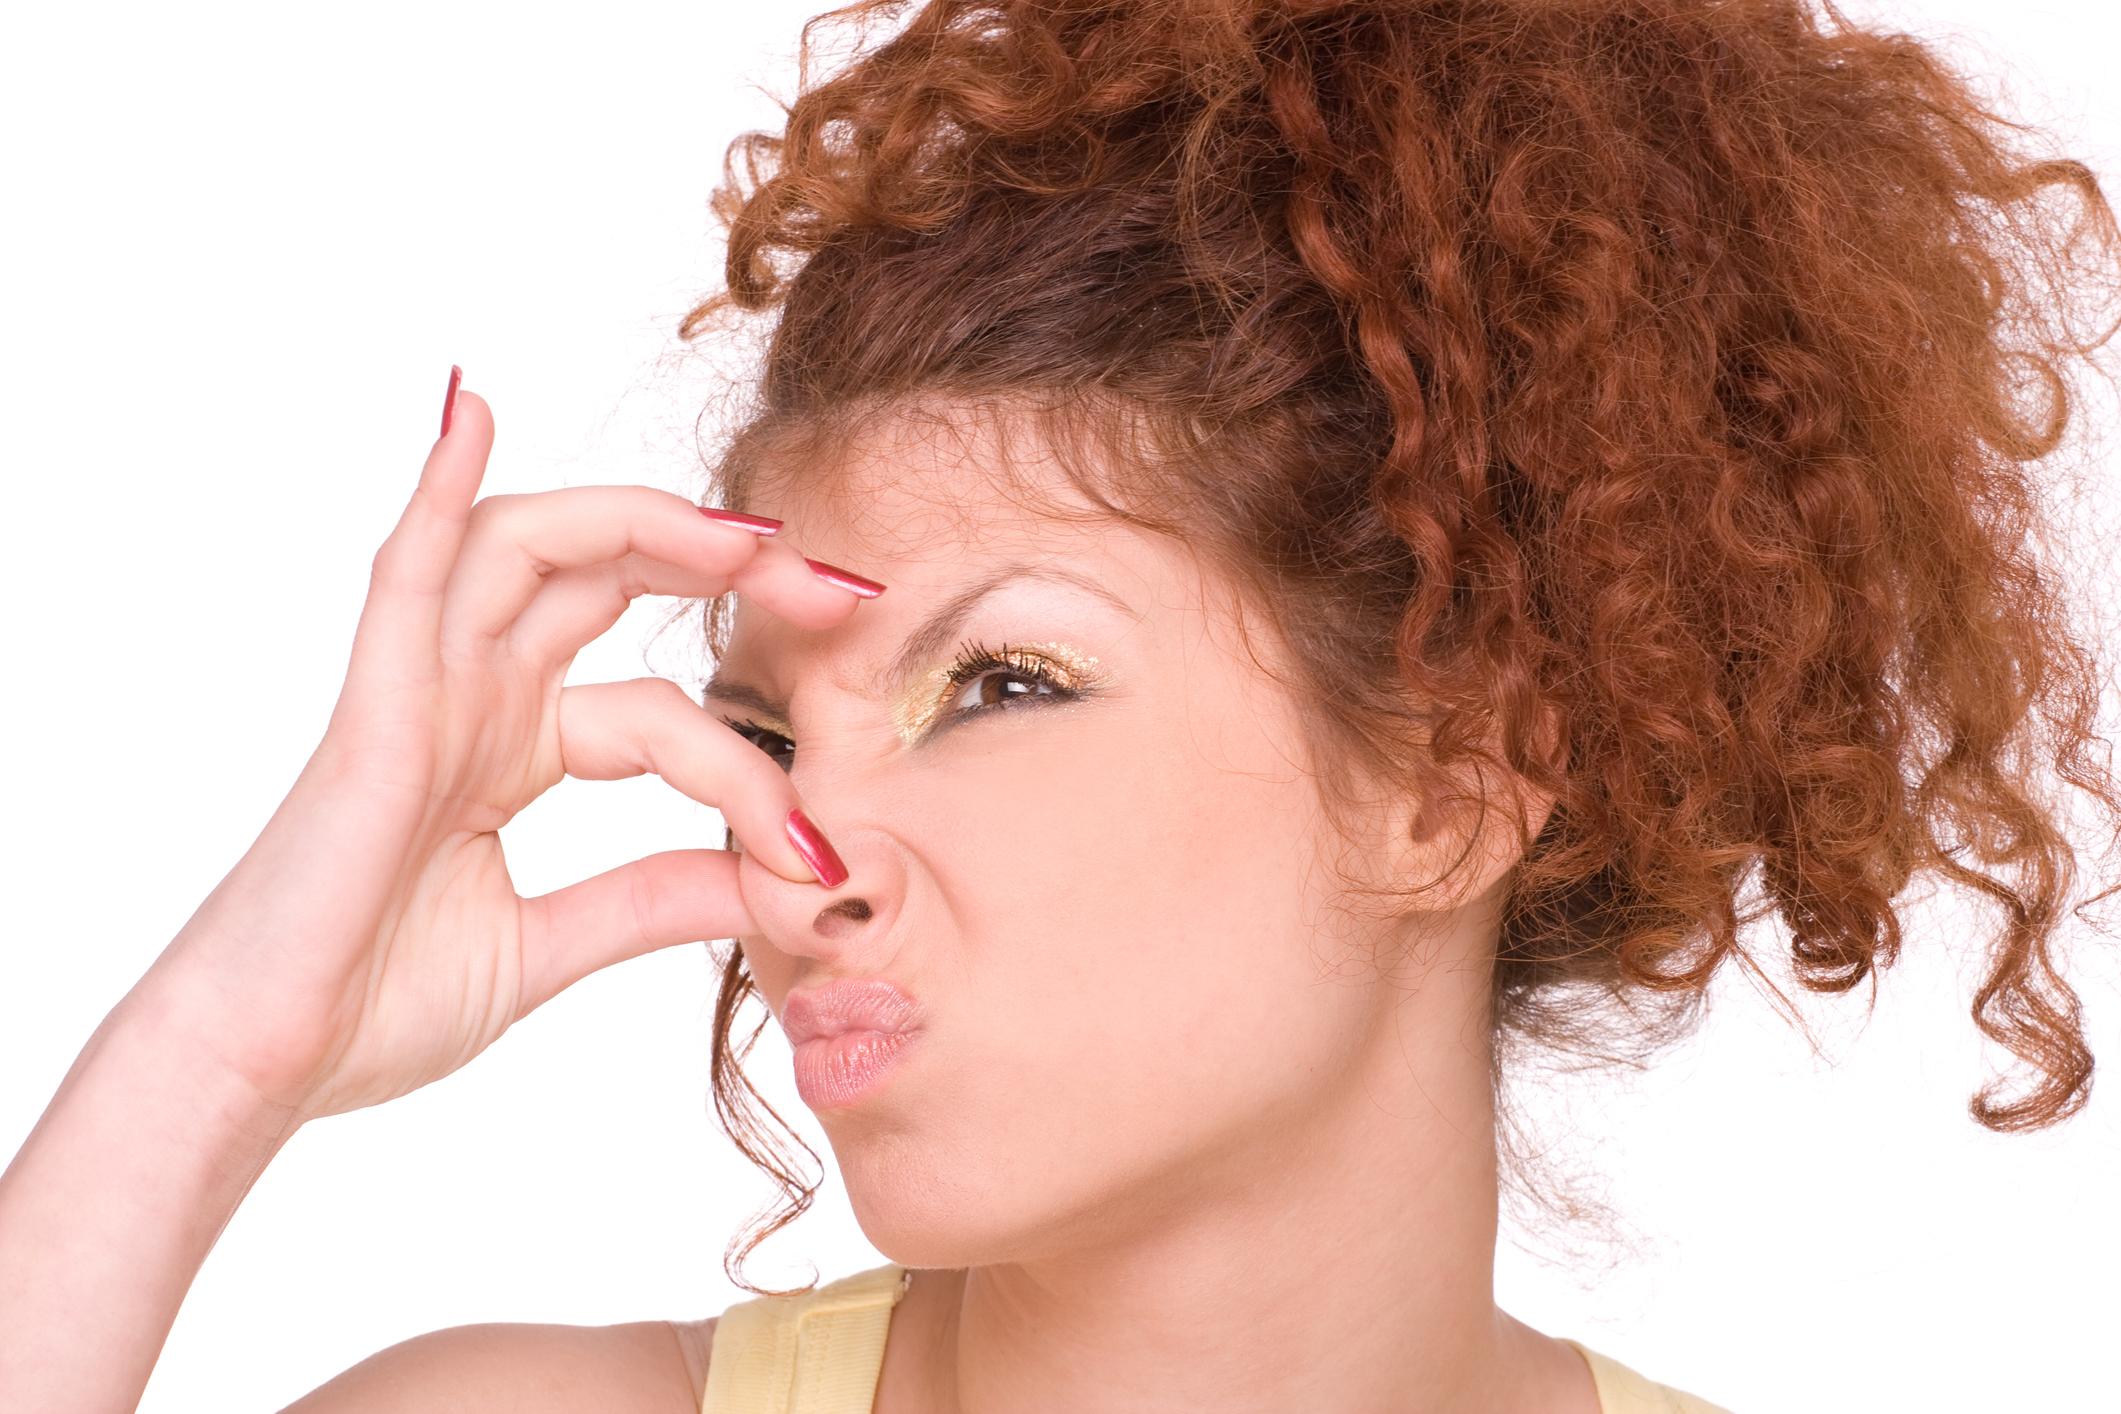 hogyan lehet meghatározni a szagot a szájból